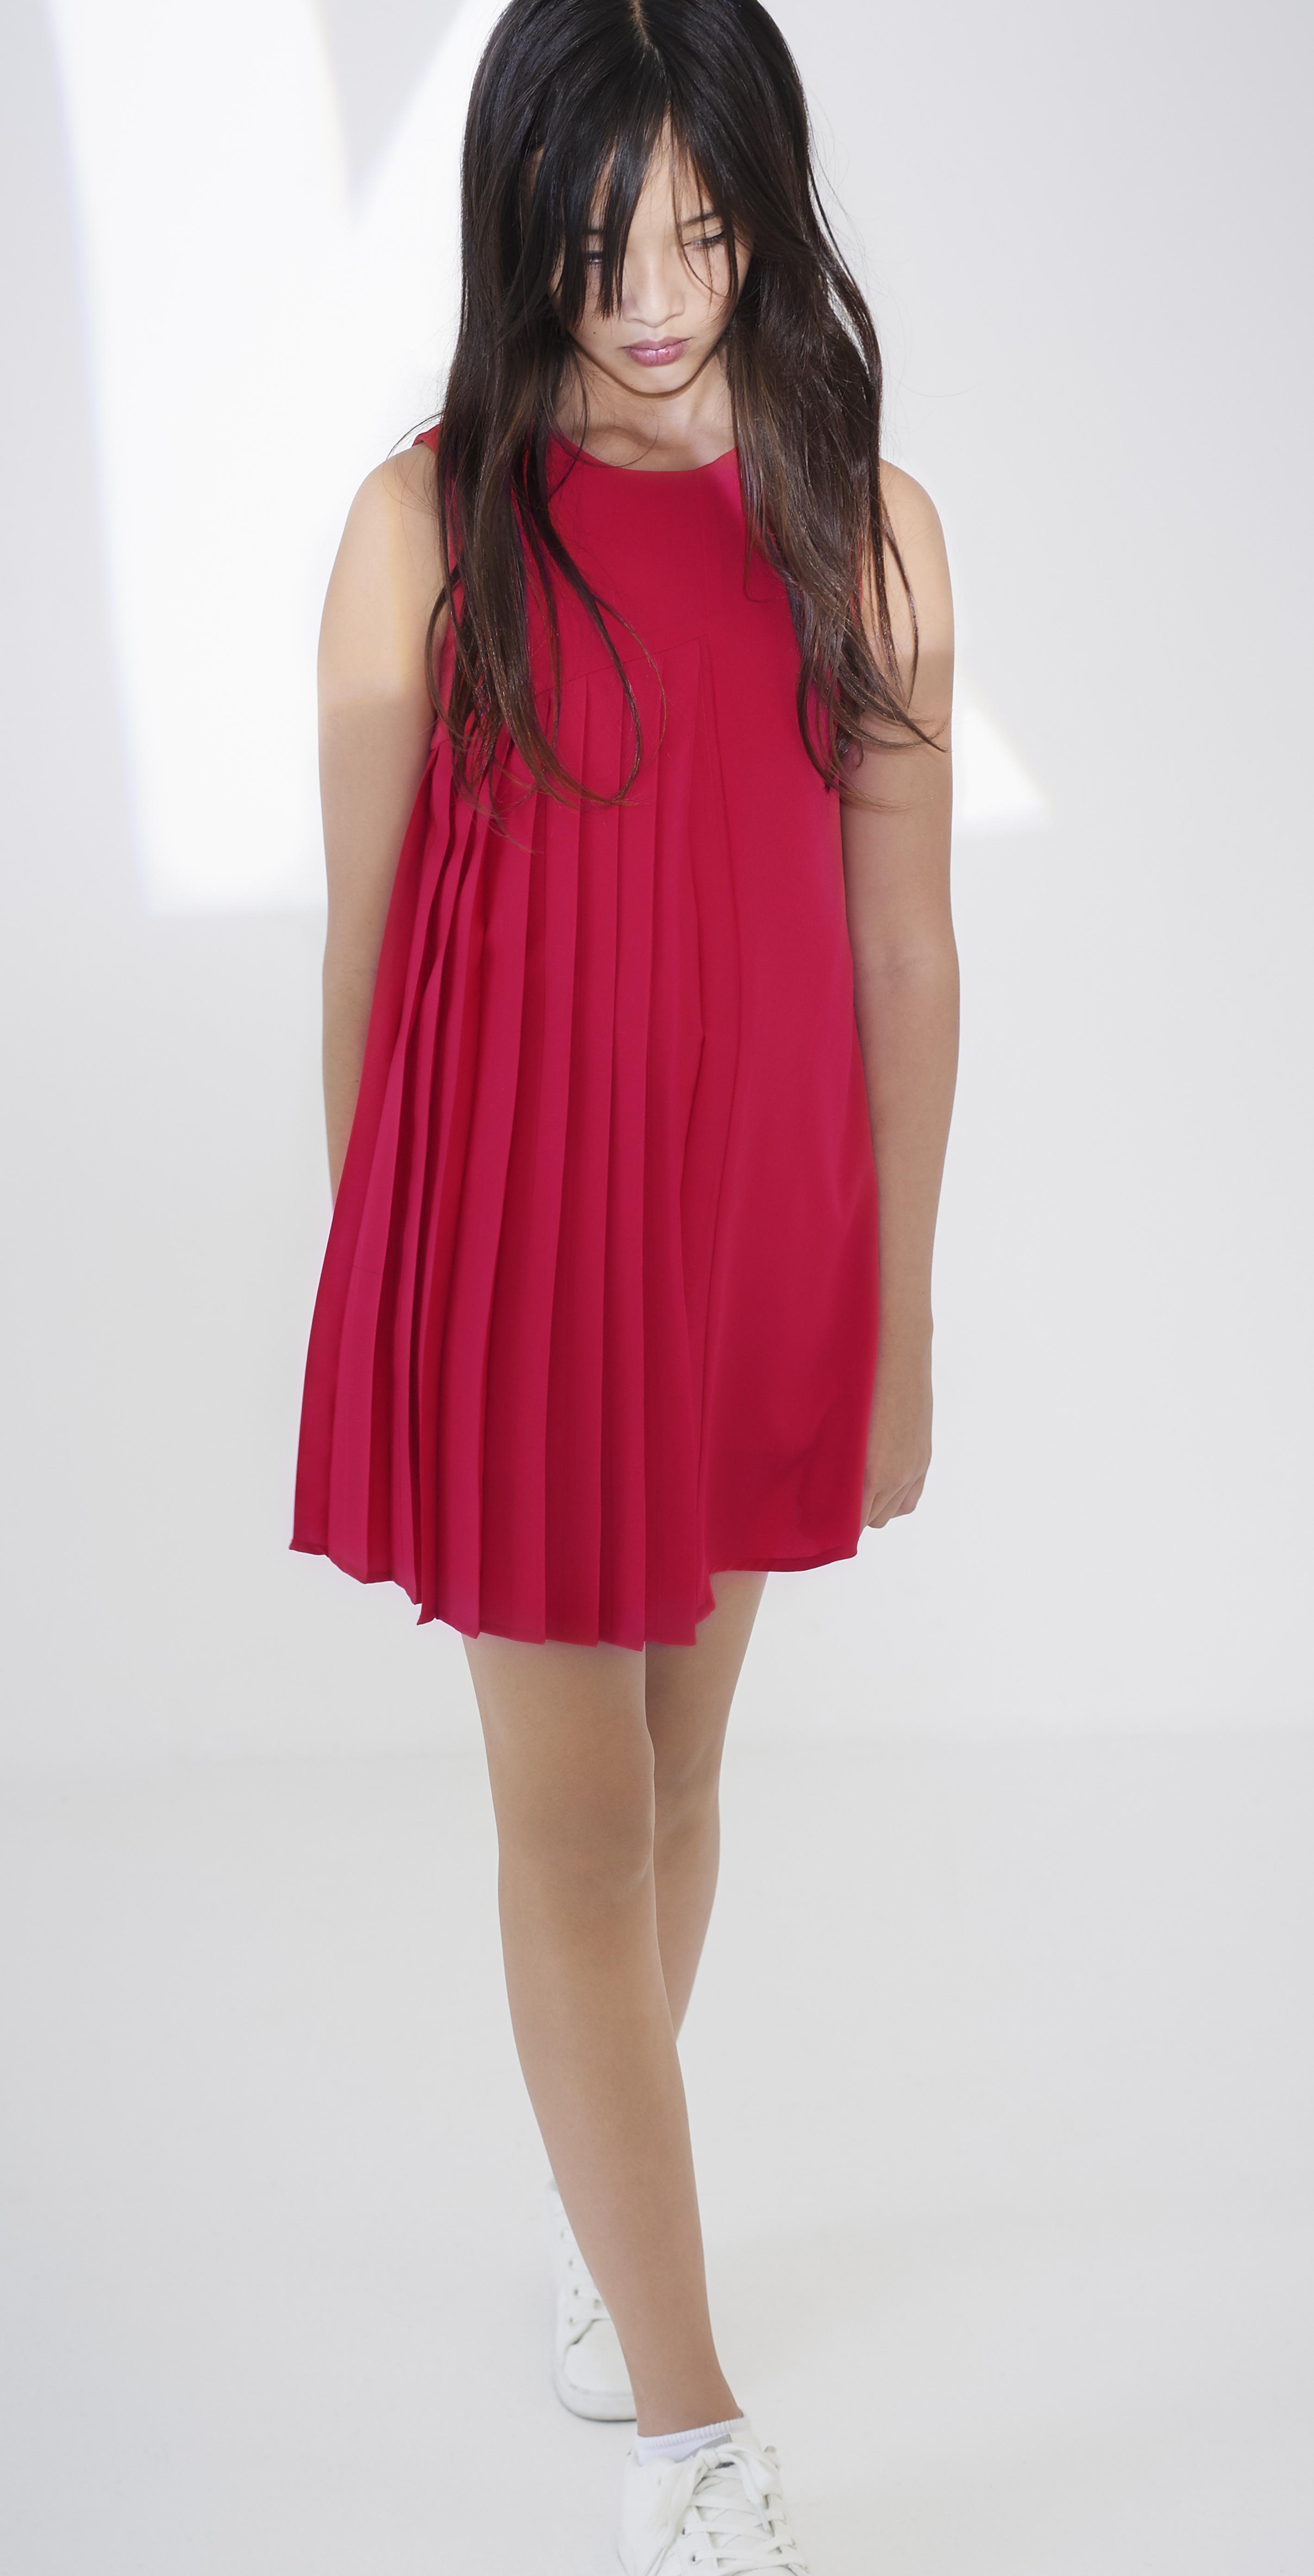 Donna Karan moda joven